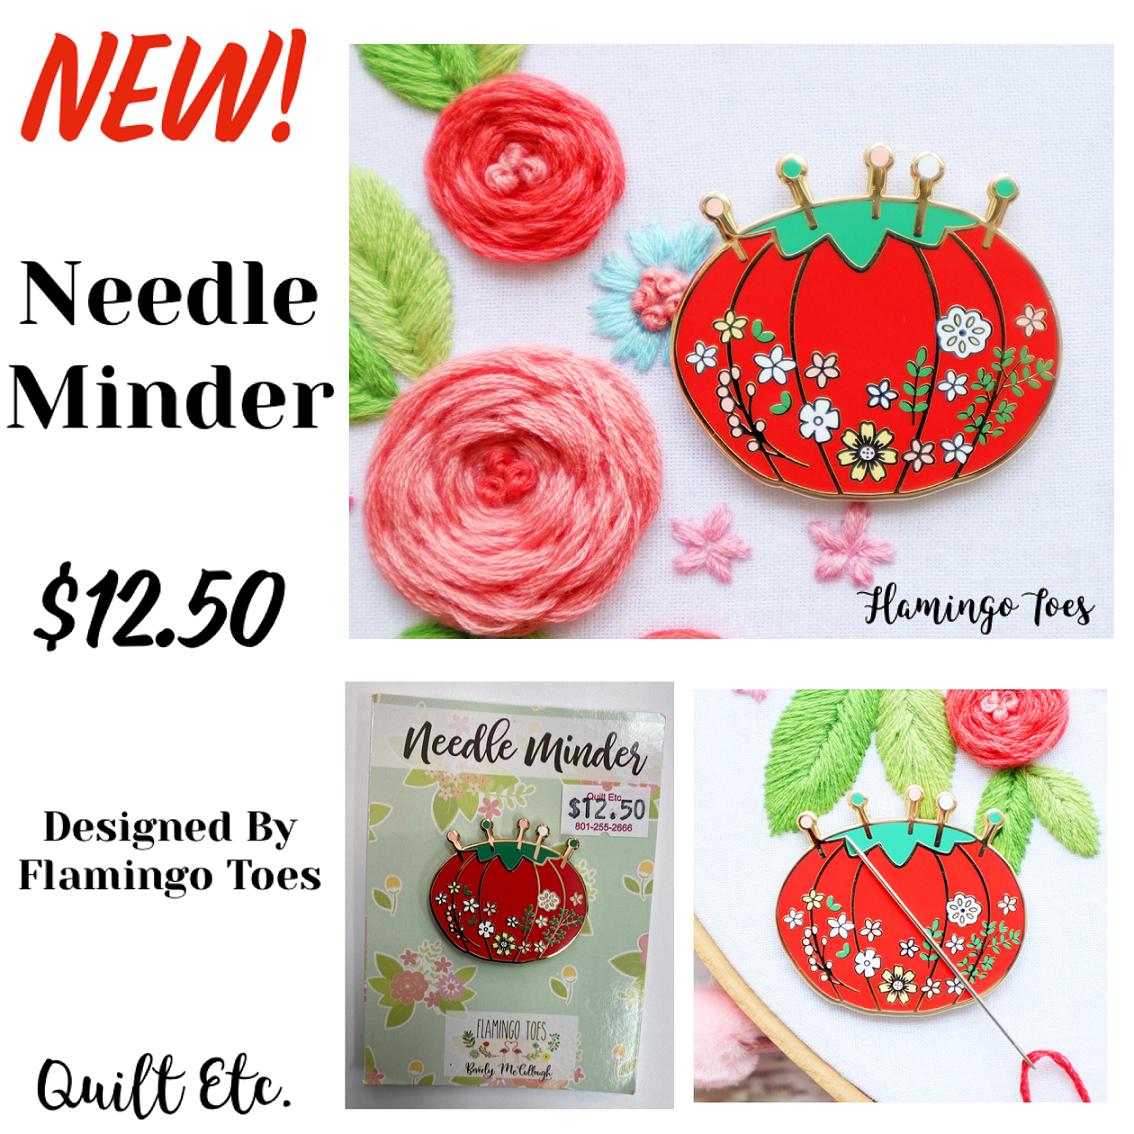 Floral Pincushion Needle Minder